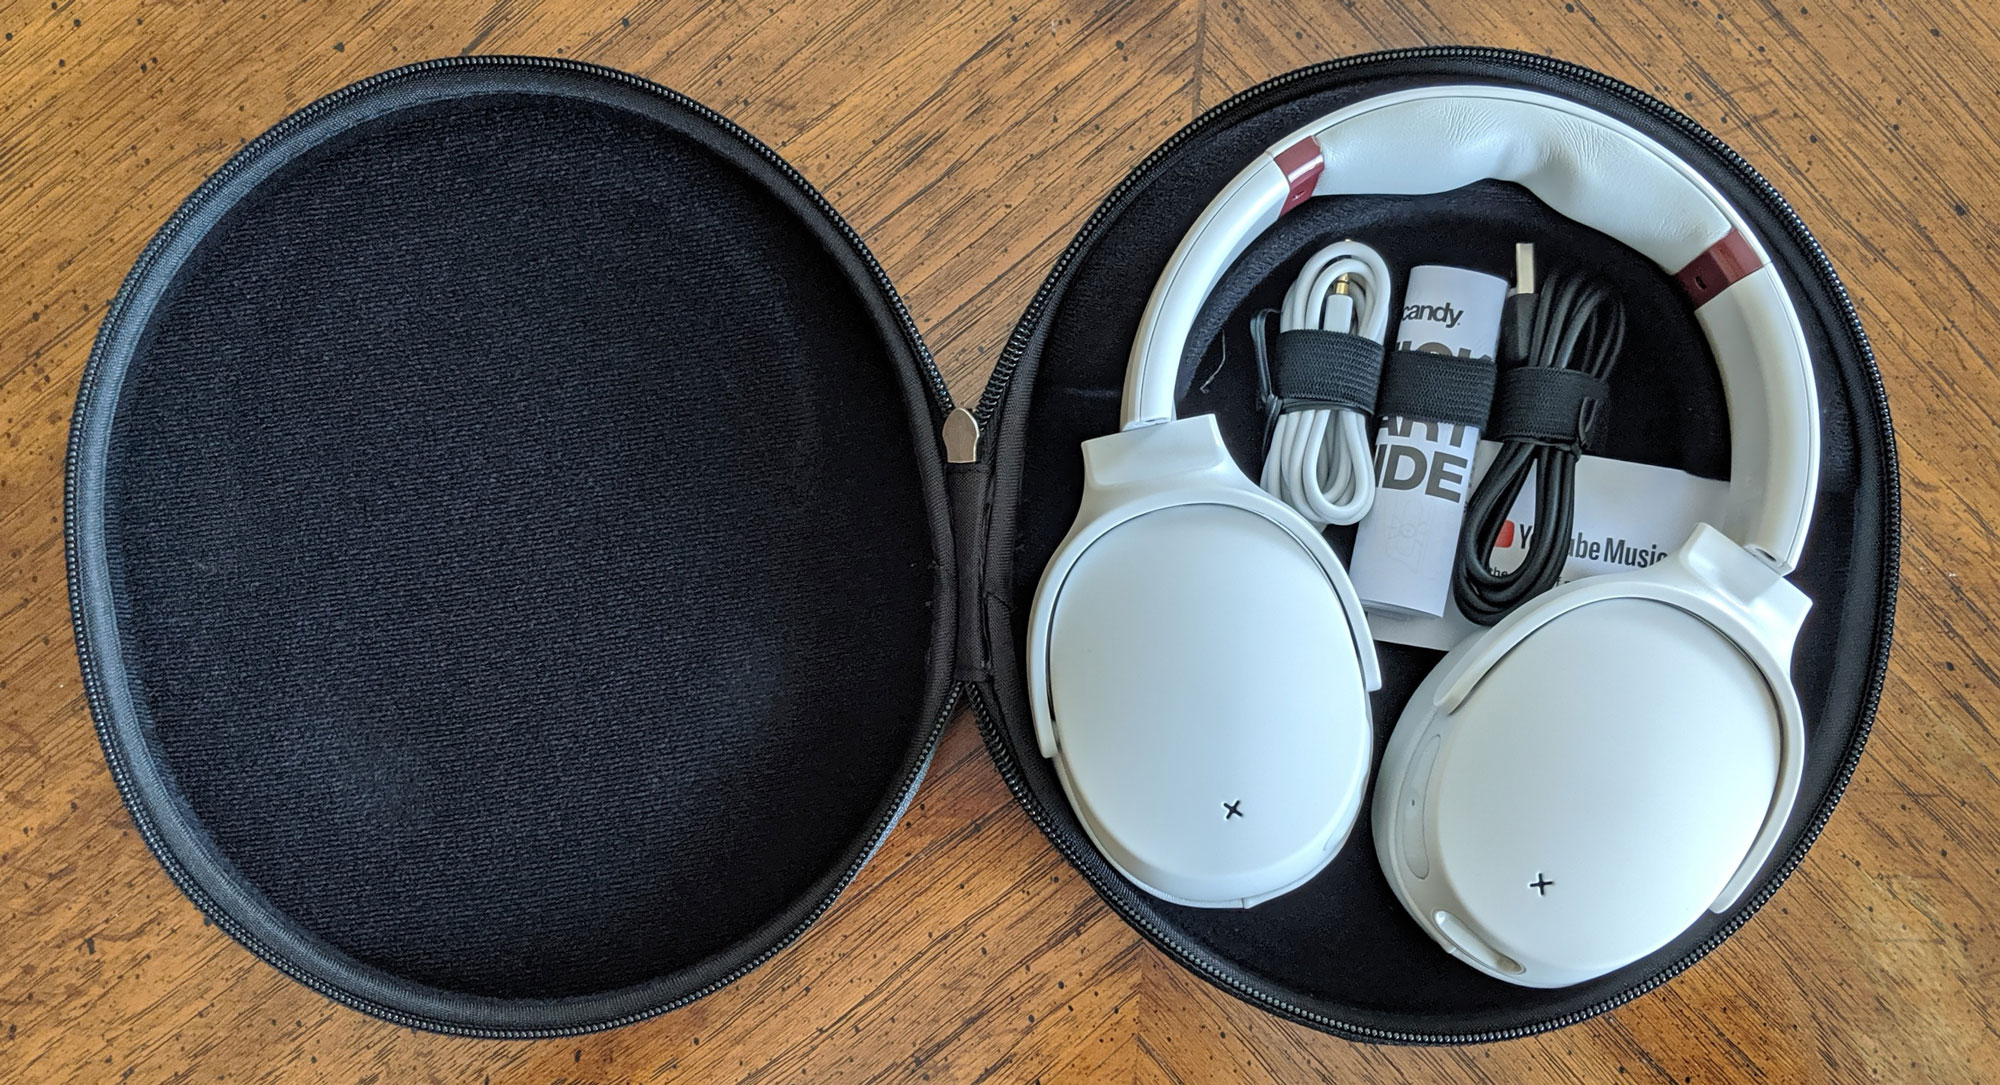 venue-skullcandy-headphones-case-accessories